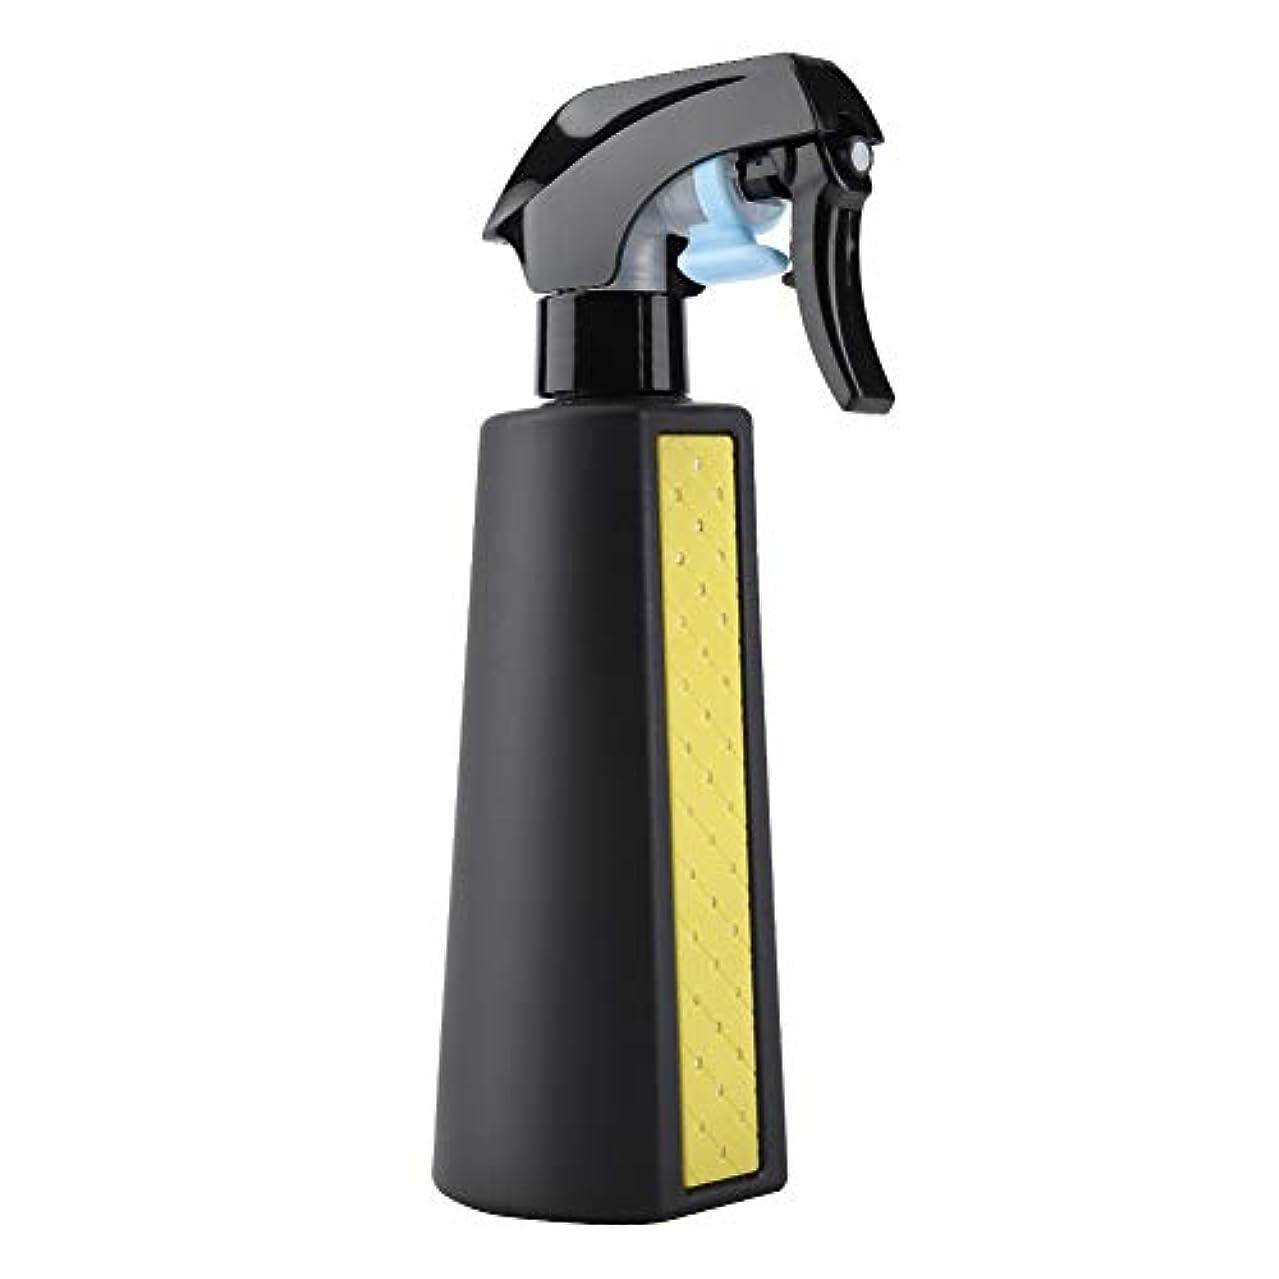 検出する虫スナックミスタースプレーボトル、300ML詰め替え可能な多目的マットヘアスプレーヤーボトル理髪理容ツール散水缶詰め替え容器(黄)